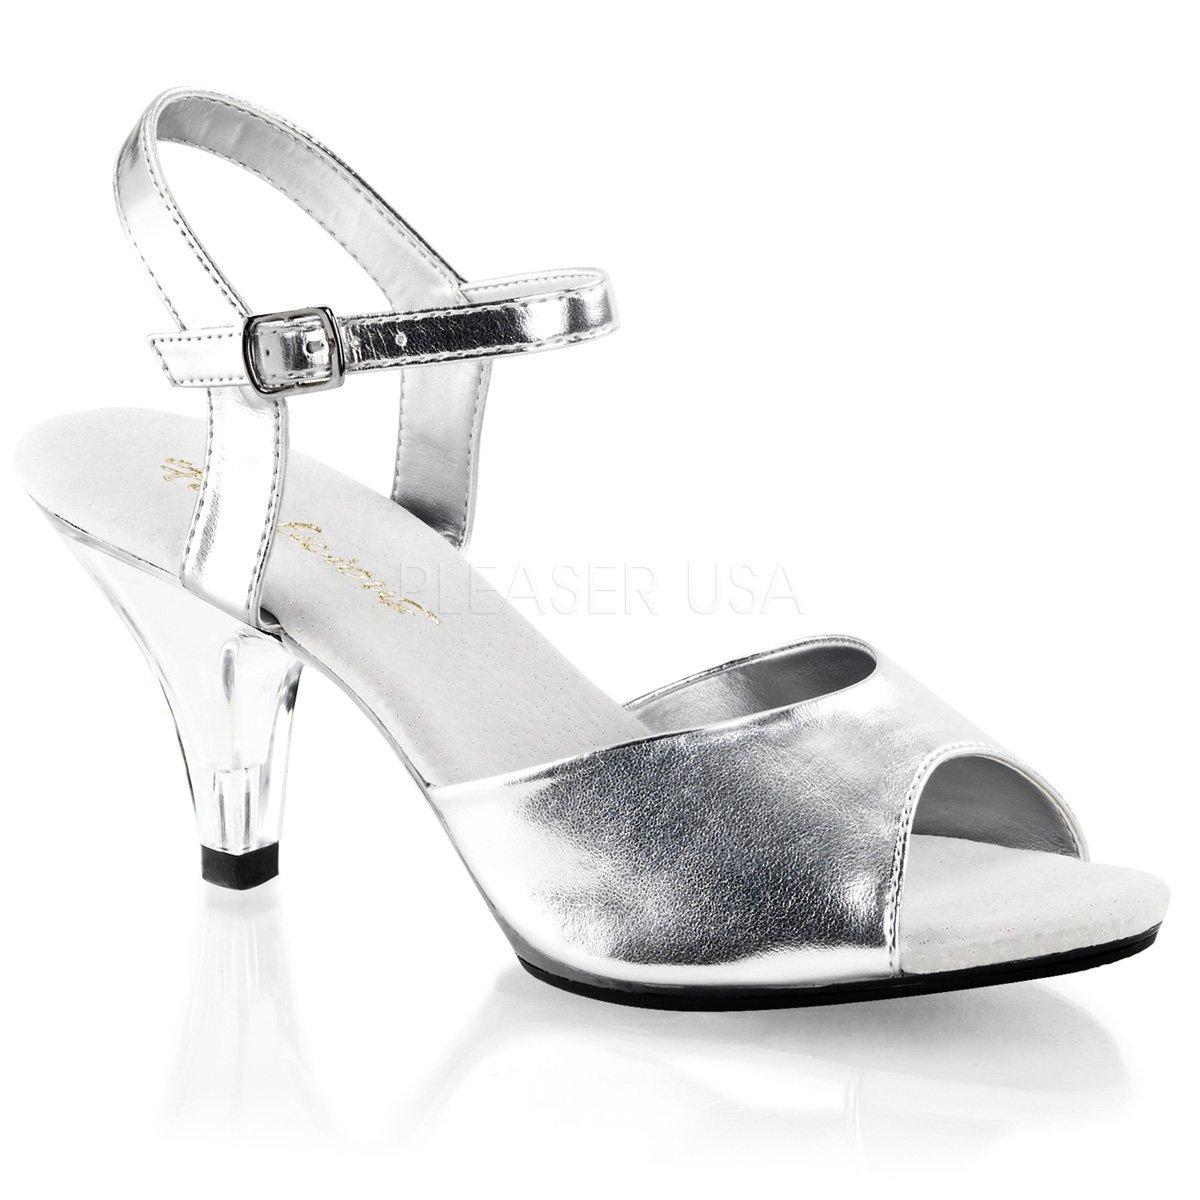 8c2a4dd3d5 BELLE-309 Stříbrné společenské sandálky na nízkém podpatku